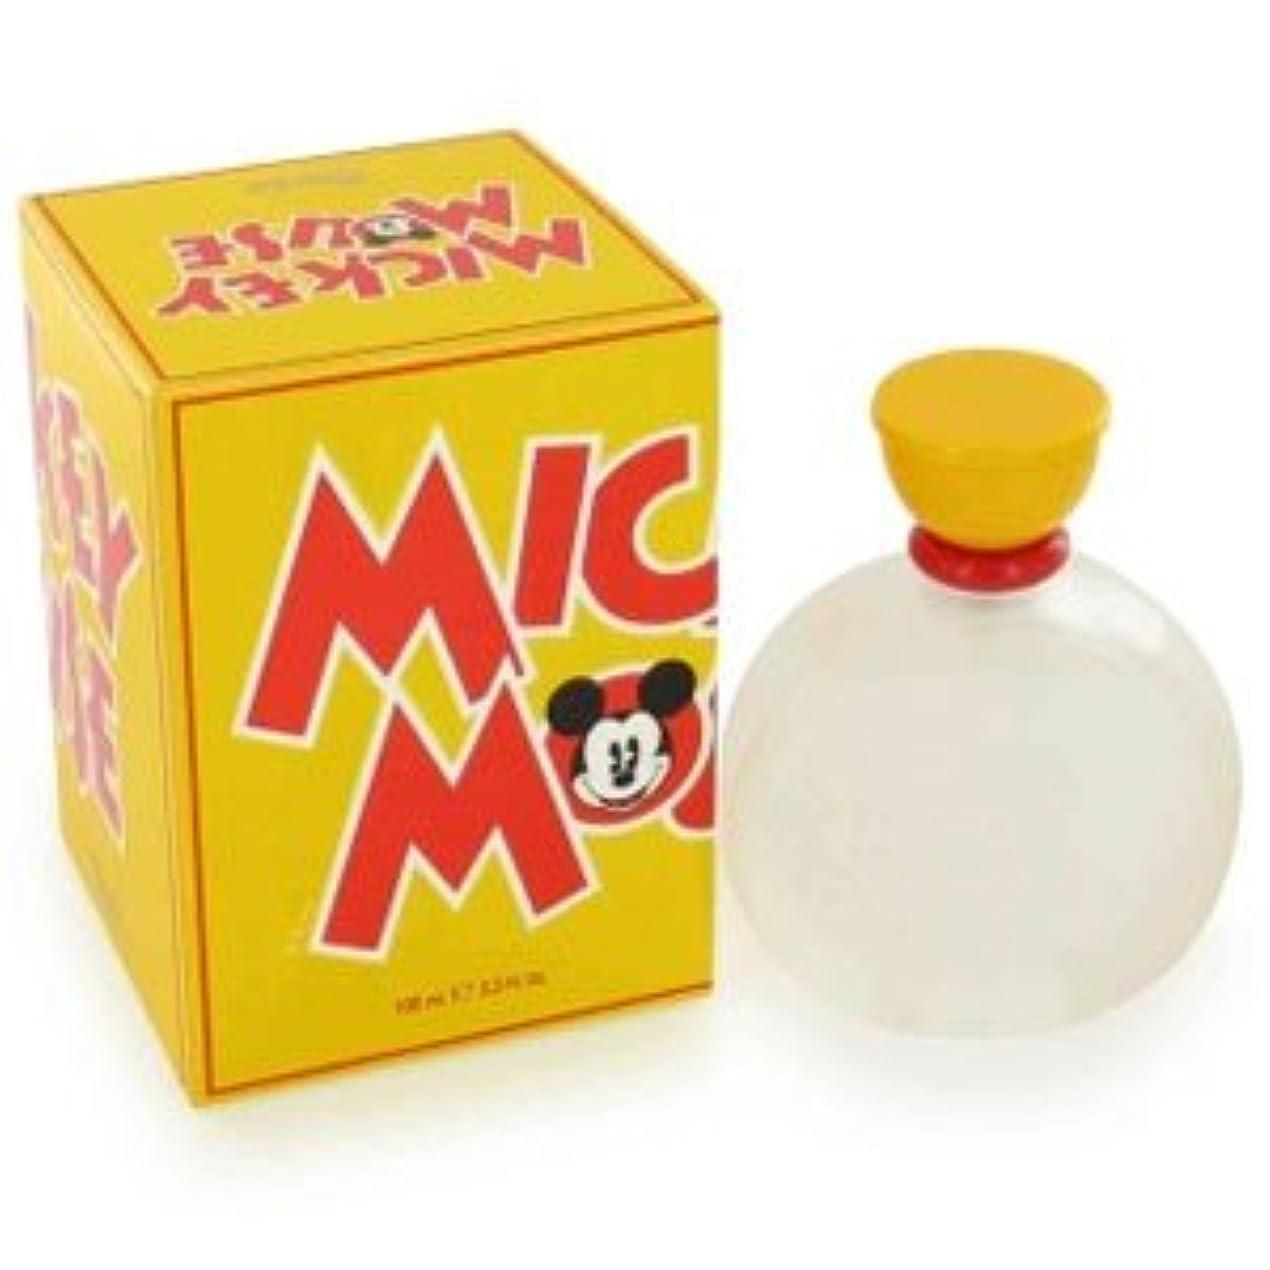 のみスカープ建てるMickey Mouse (ミッキーマウス) 3.4 oz (100ml) EDT Spray by Disney for Men